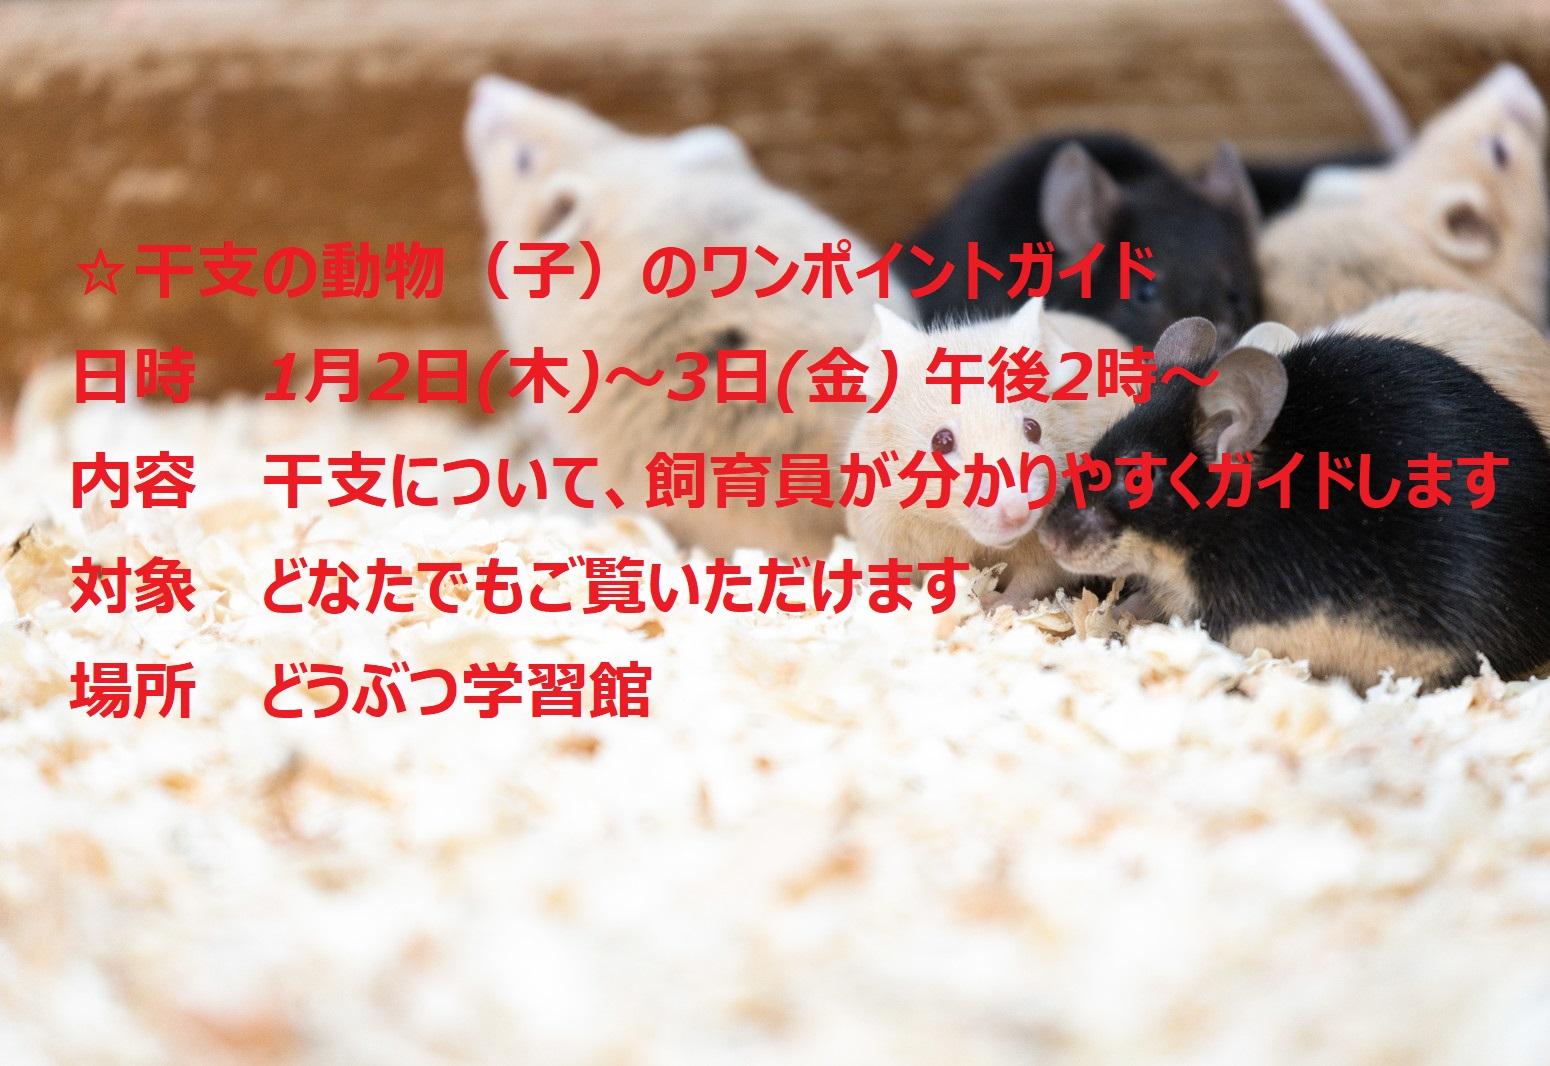 令和2年平川動物公園「お正月まつり」 令和2年1月2日(木)から1月13日(月・祝)まで開催 イメージ画像